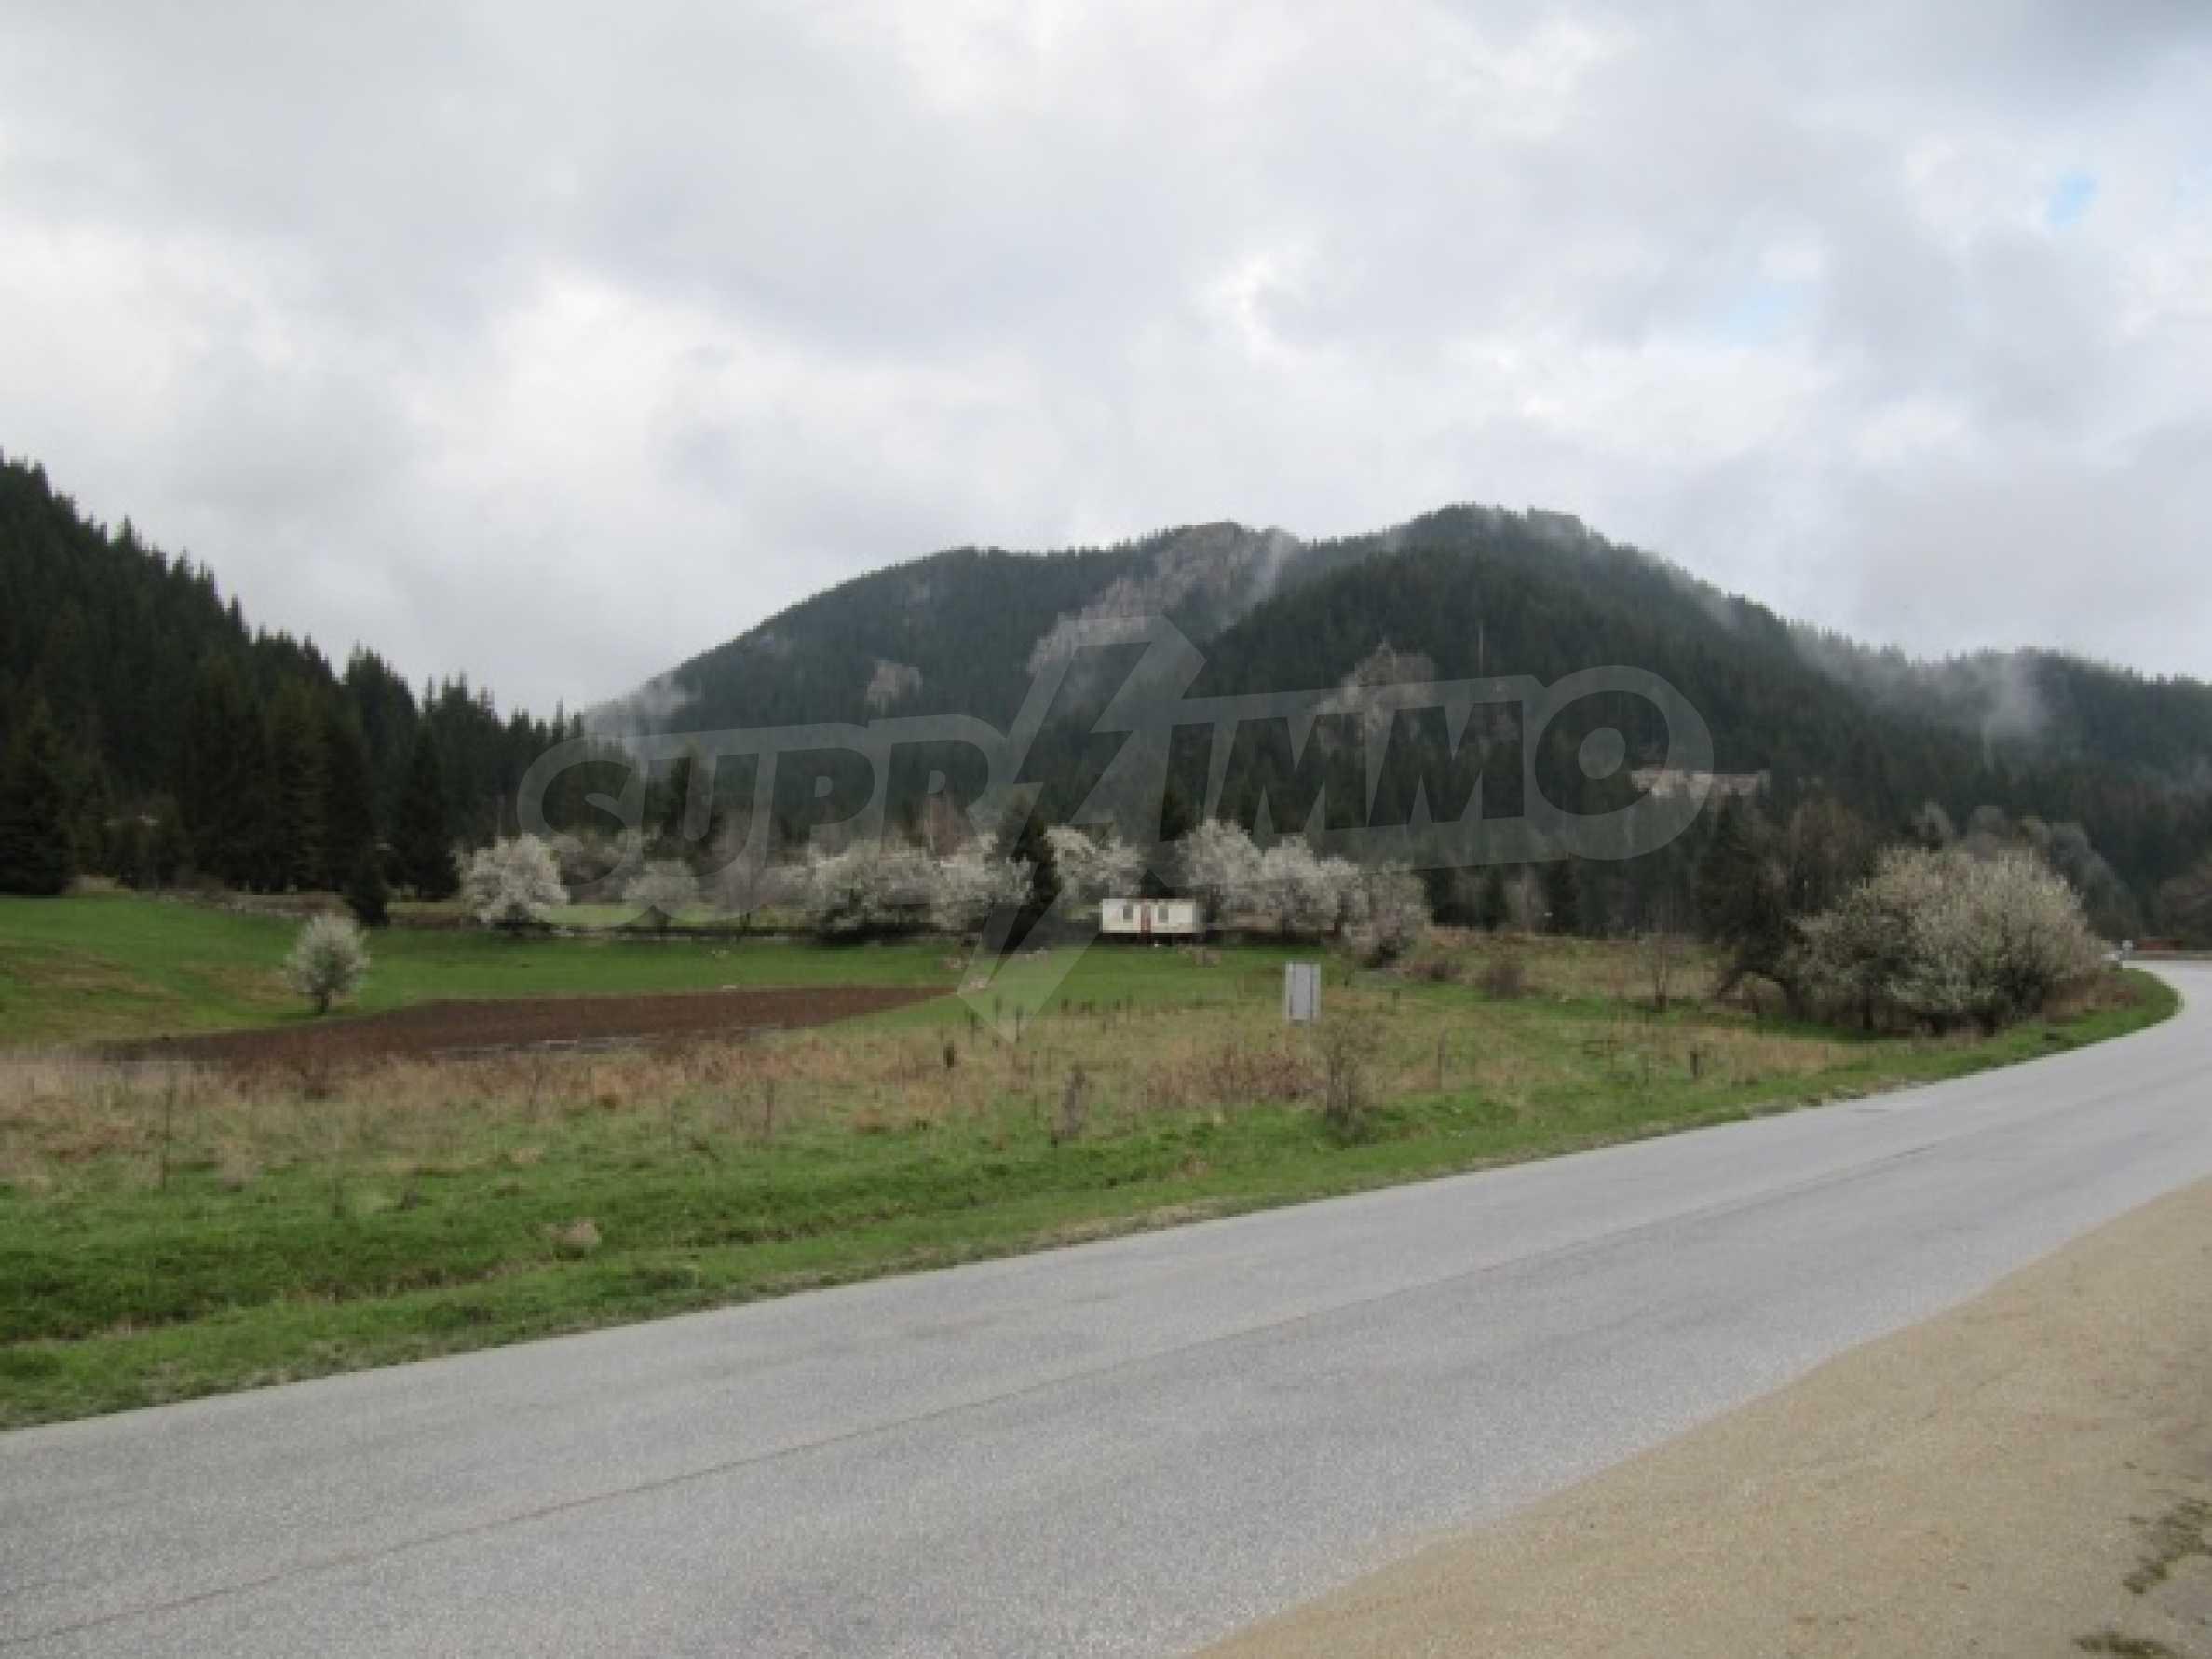 Земельный участок в г. Смолян, в 10 км от Пампорово